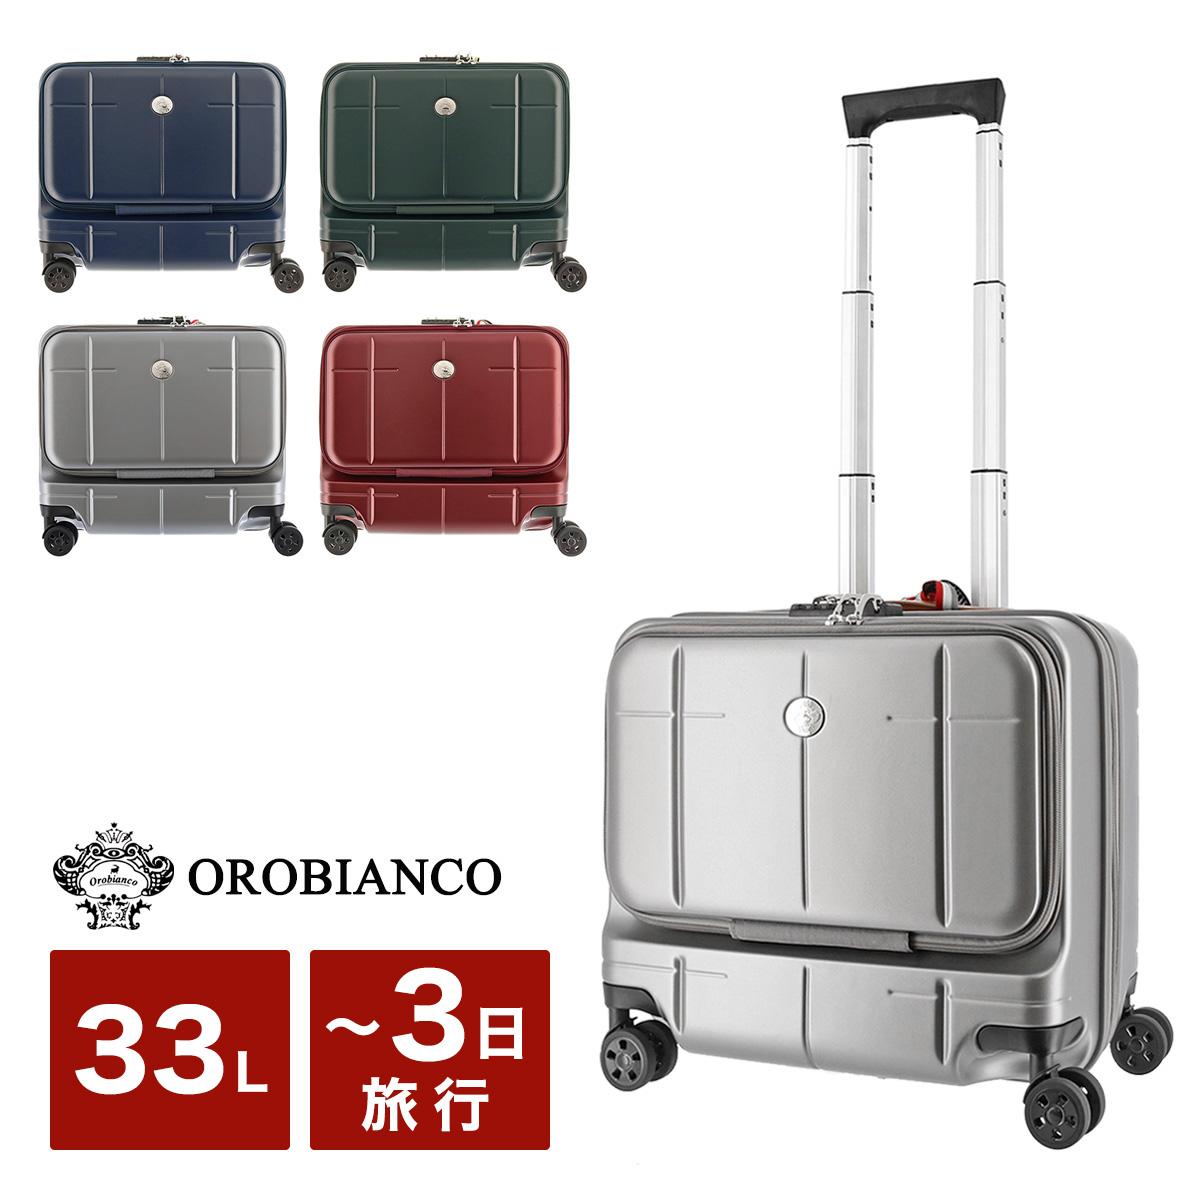 オロビアンコ スーツケース 37cm ハード ARZILLO 33L 9711 OROBIANCO キャリーケース TSAロック搭載 フロントオープン ポケット付き メンズ[PO10][bef][即日発送]